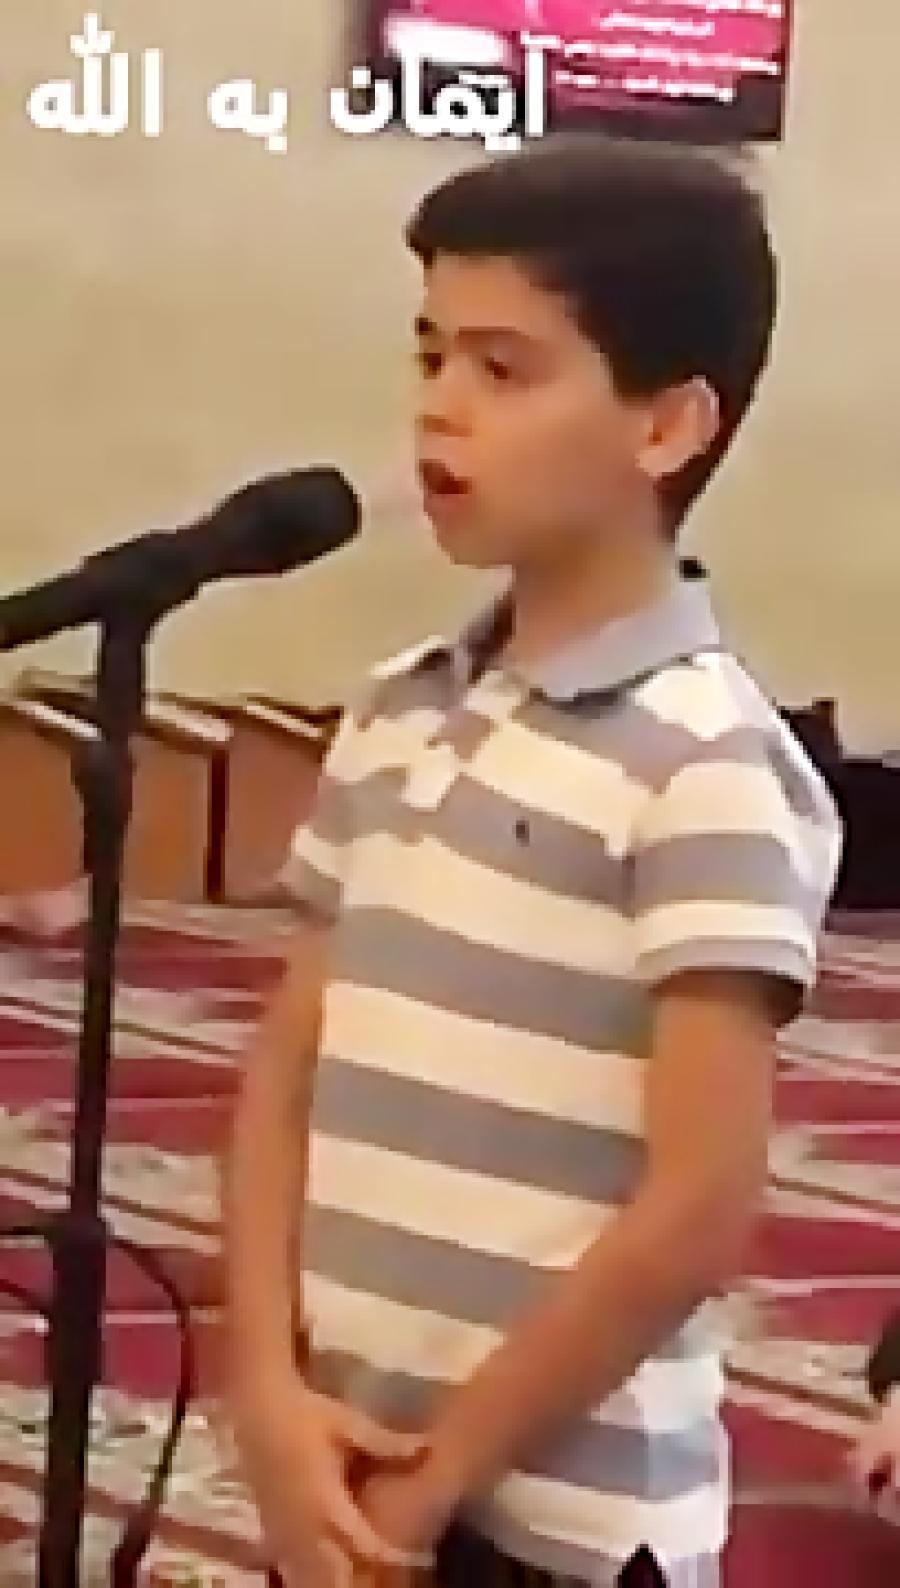 الله اکبر الله اکبر این طفلک 10 ساله با این آذان خود جهان اسلام را تکان داد